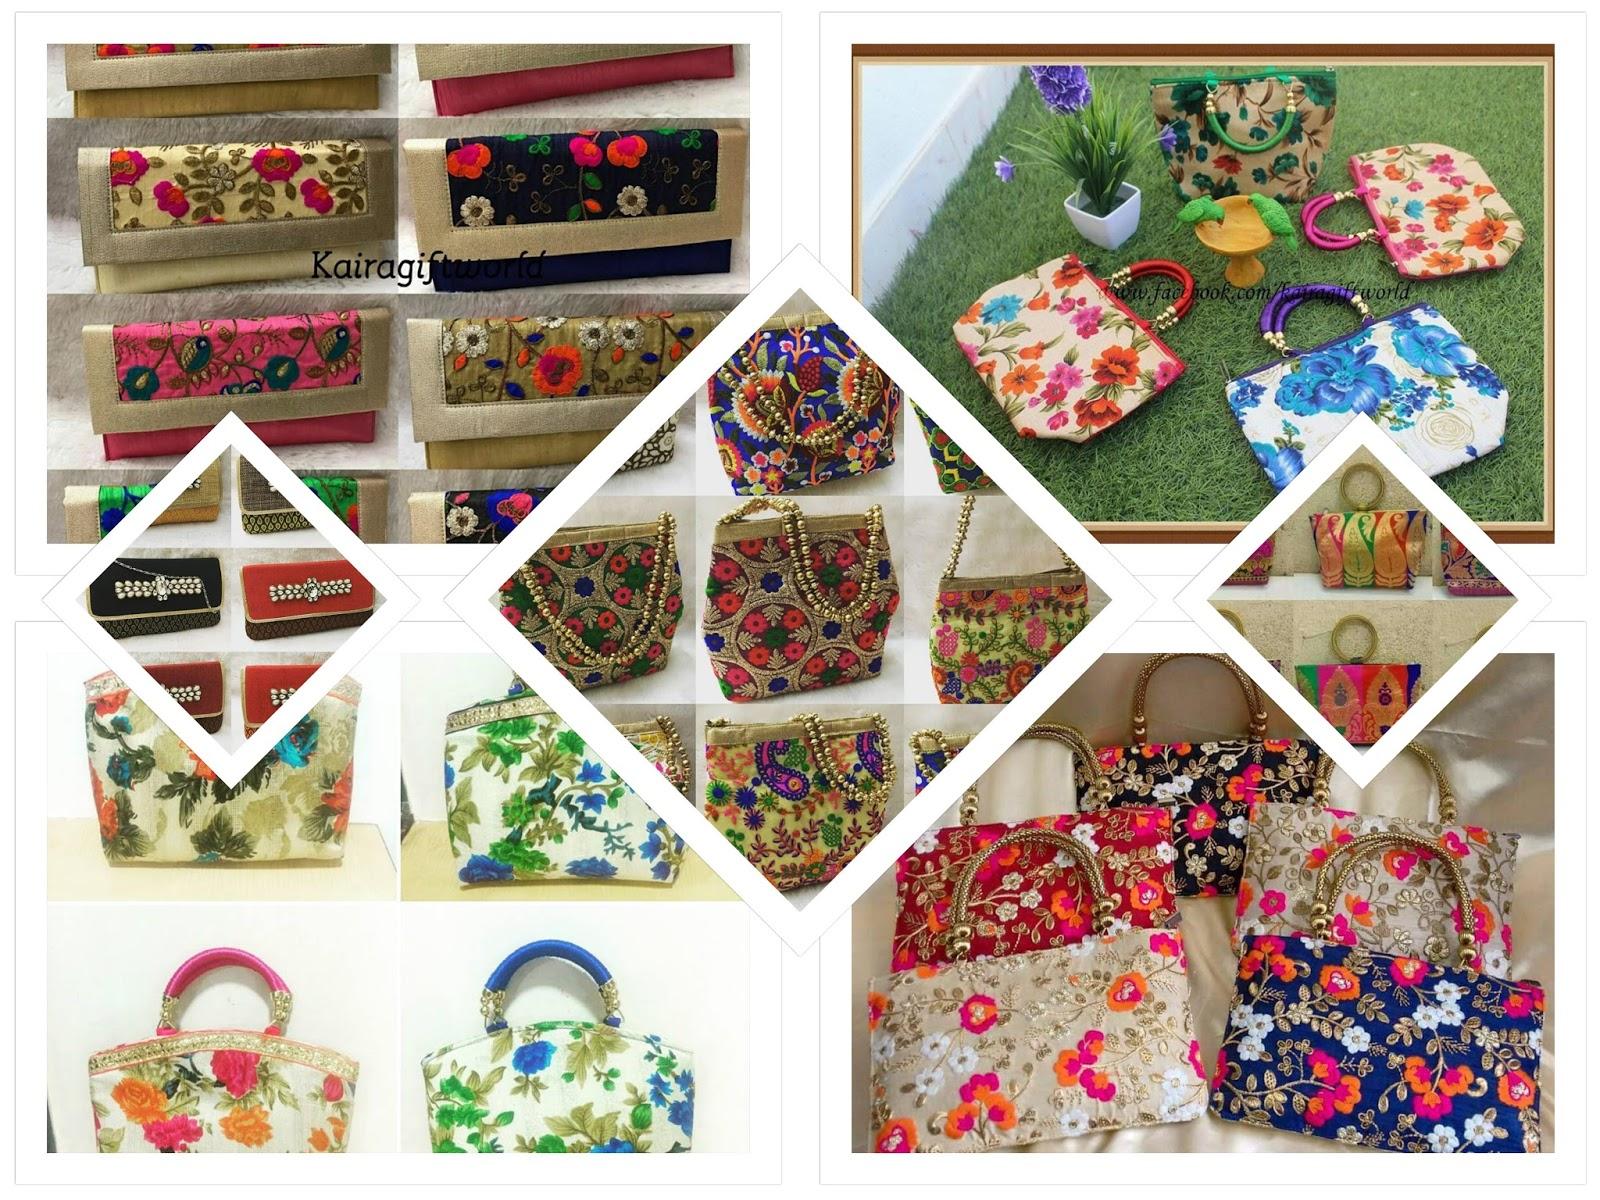 Kaira Gift World: Best Indian Return Gift Ideas for Baby ...